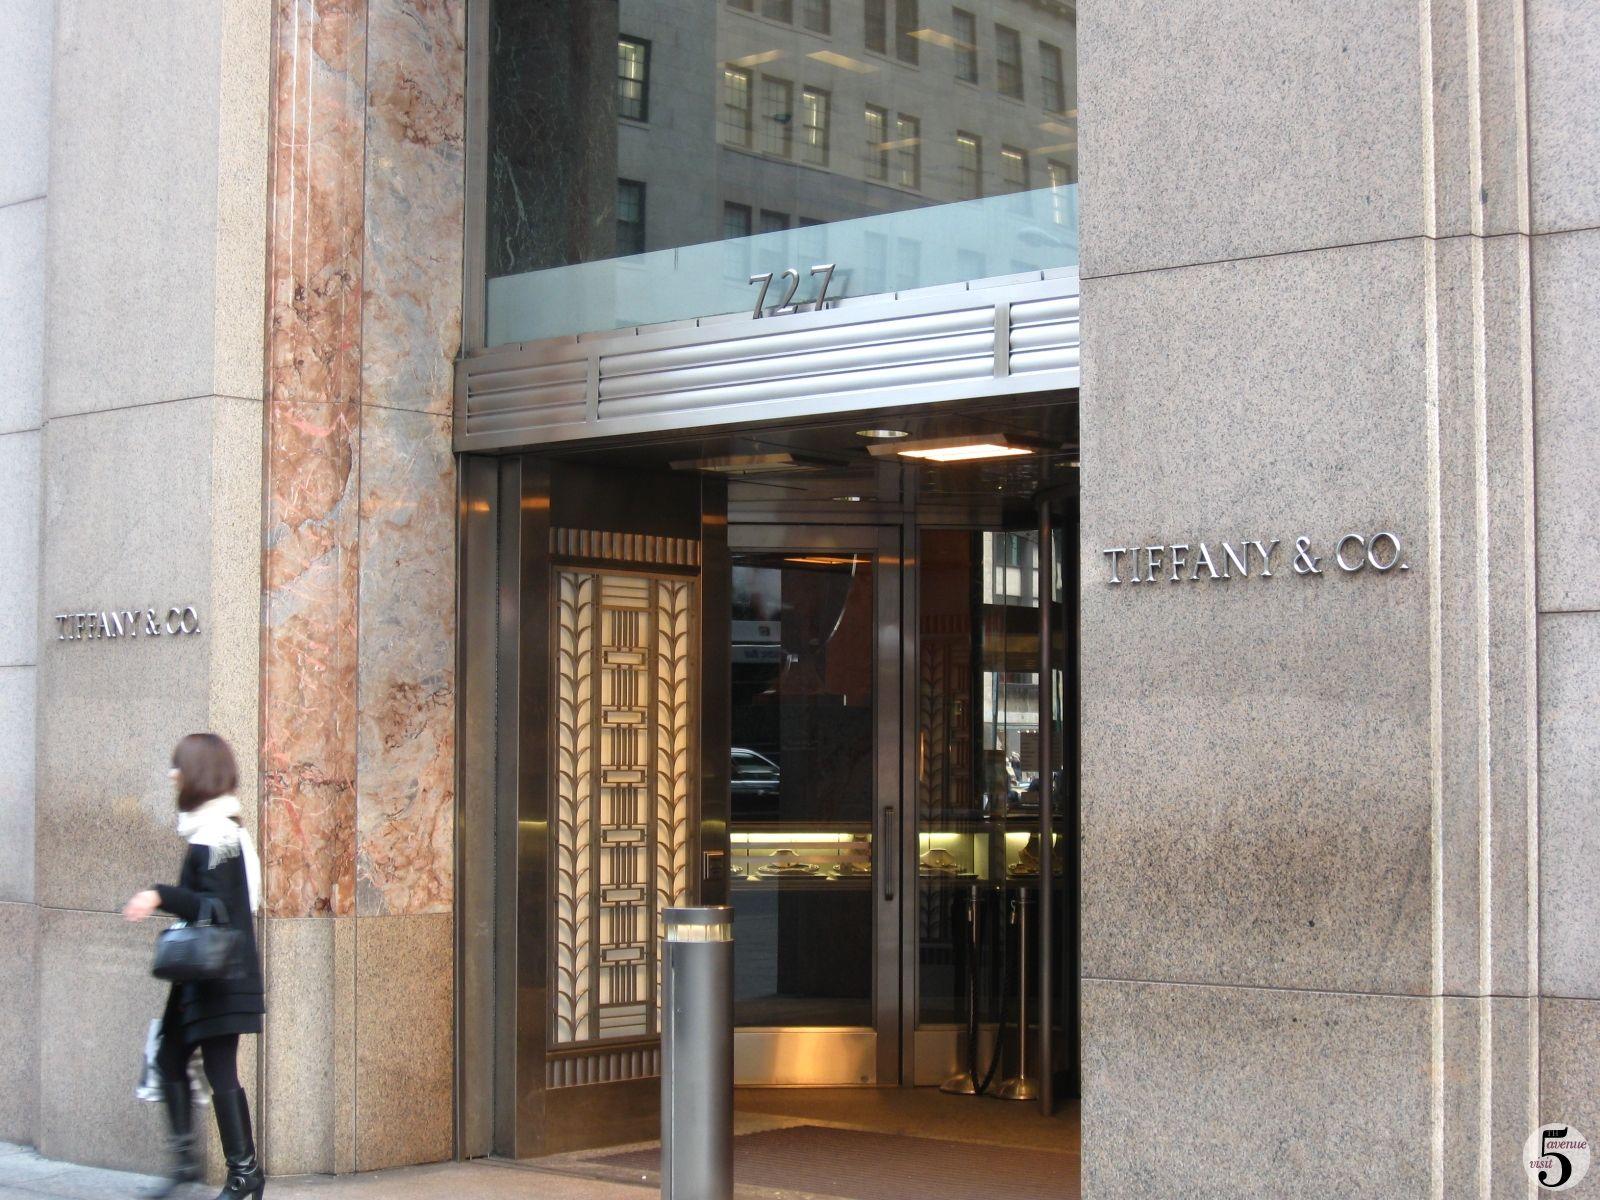 4127fbd5f93b6 Tiffany & co | NYC | 5th avenue new york, Tiffany store, Tiffany